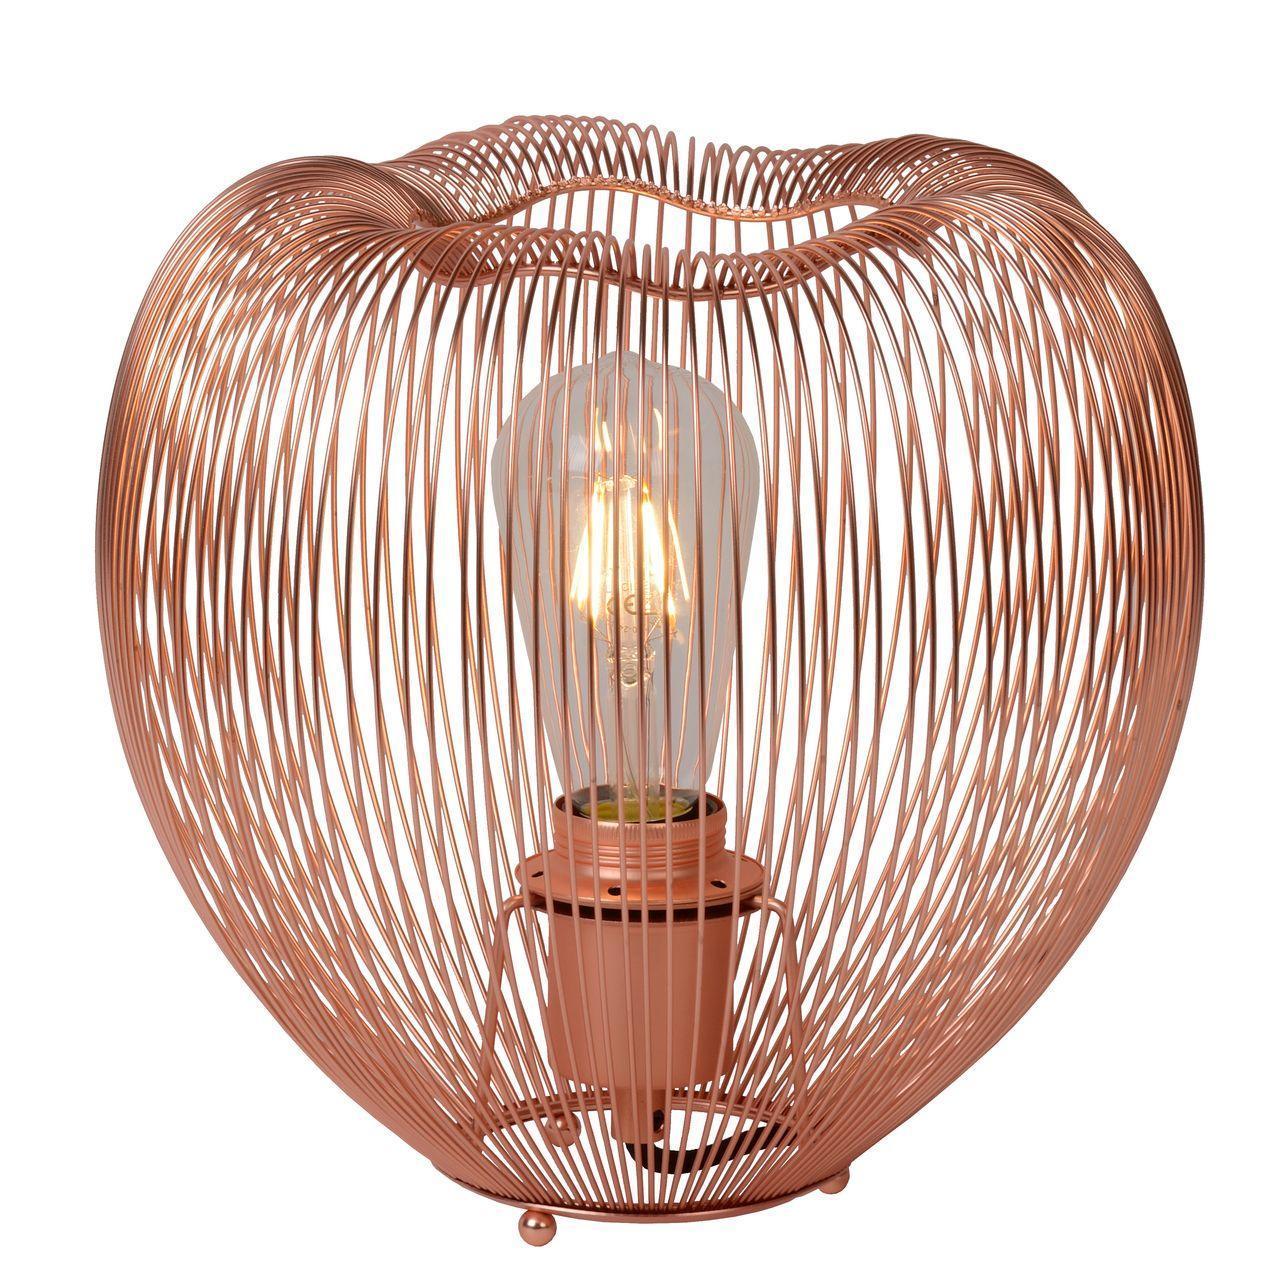 Настольная лампа Lucide Wirio 20501/25/17 wirio 20501 35 17 lucide 1155105